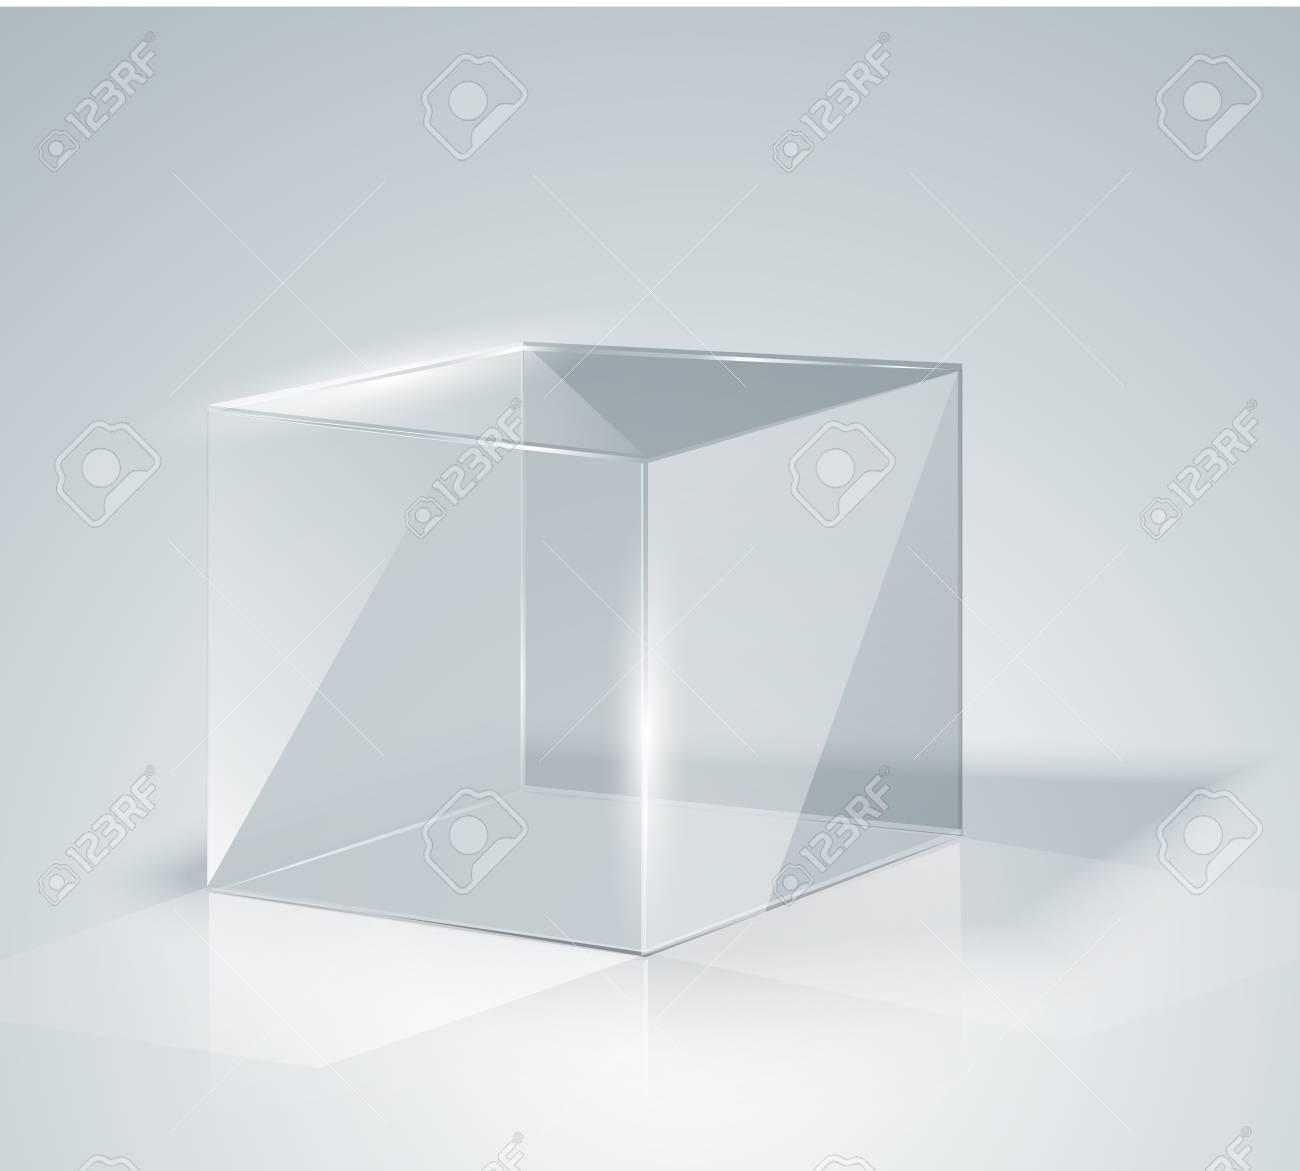 Glazen Kubus Met Foto.Glazen Kubus Transparante Kubus Geisoleerd Sjabloonglas Tentoonstelling Presentatie Van Een Nieuw Product Realistisch 3d Ontwerp Vector